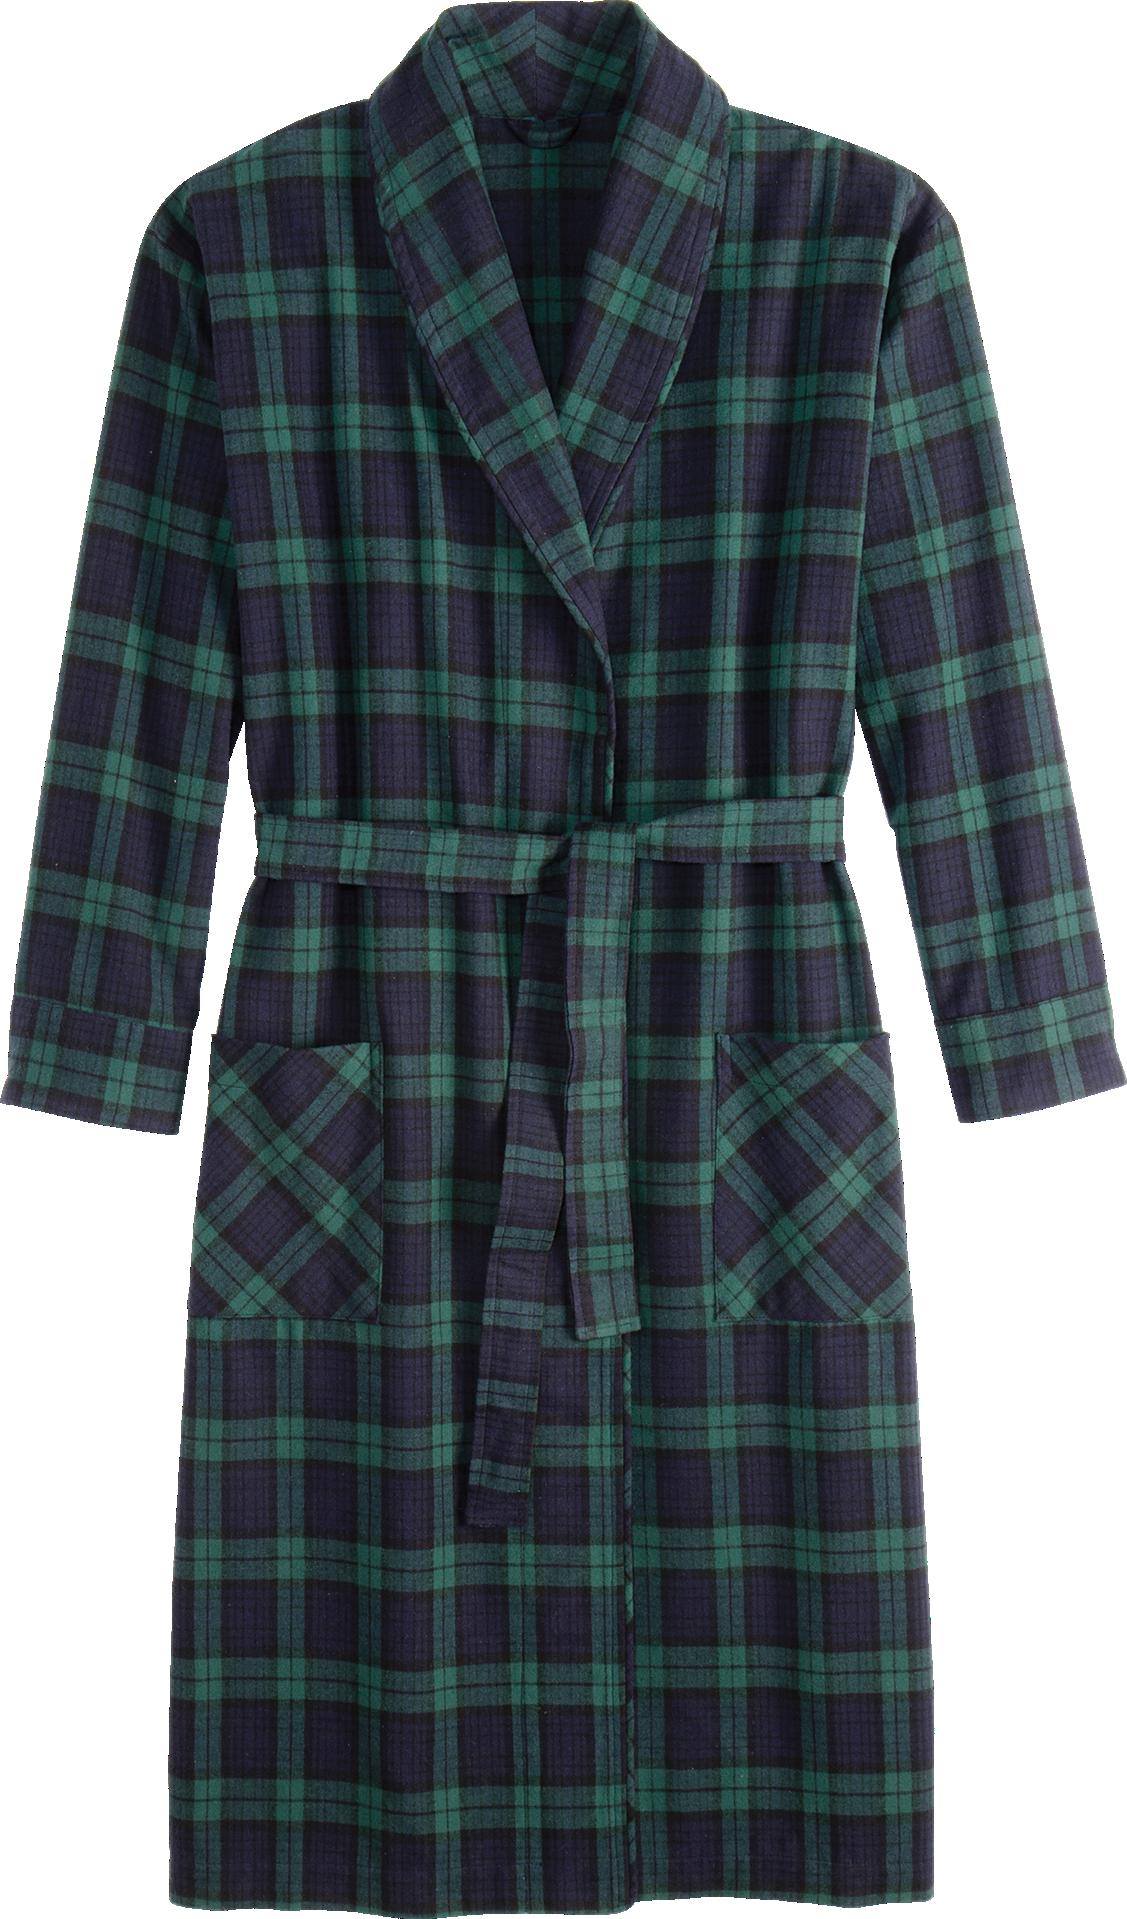 Portuguese Flannel Wrap Robe For Men  68d59655c